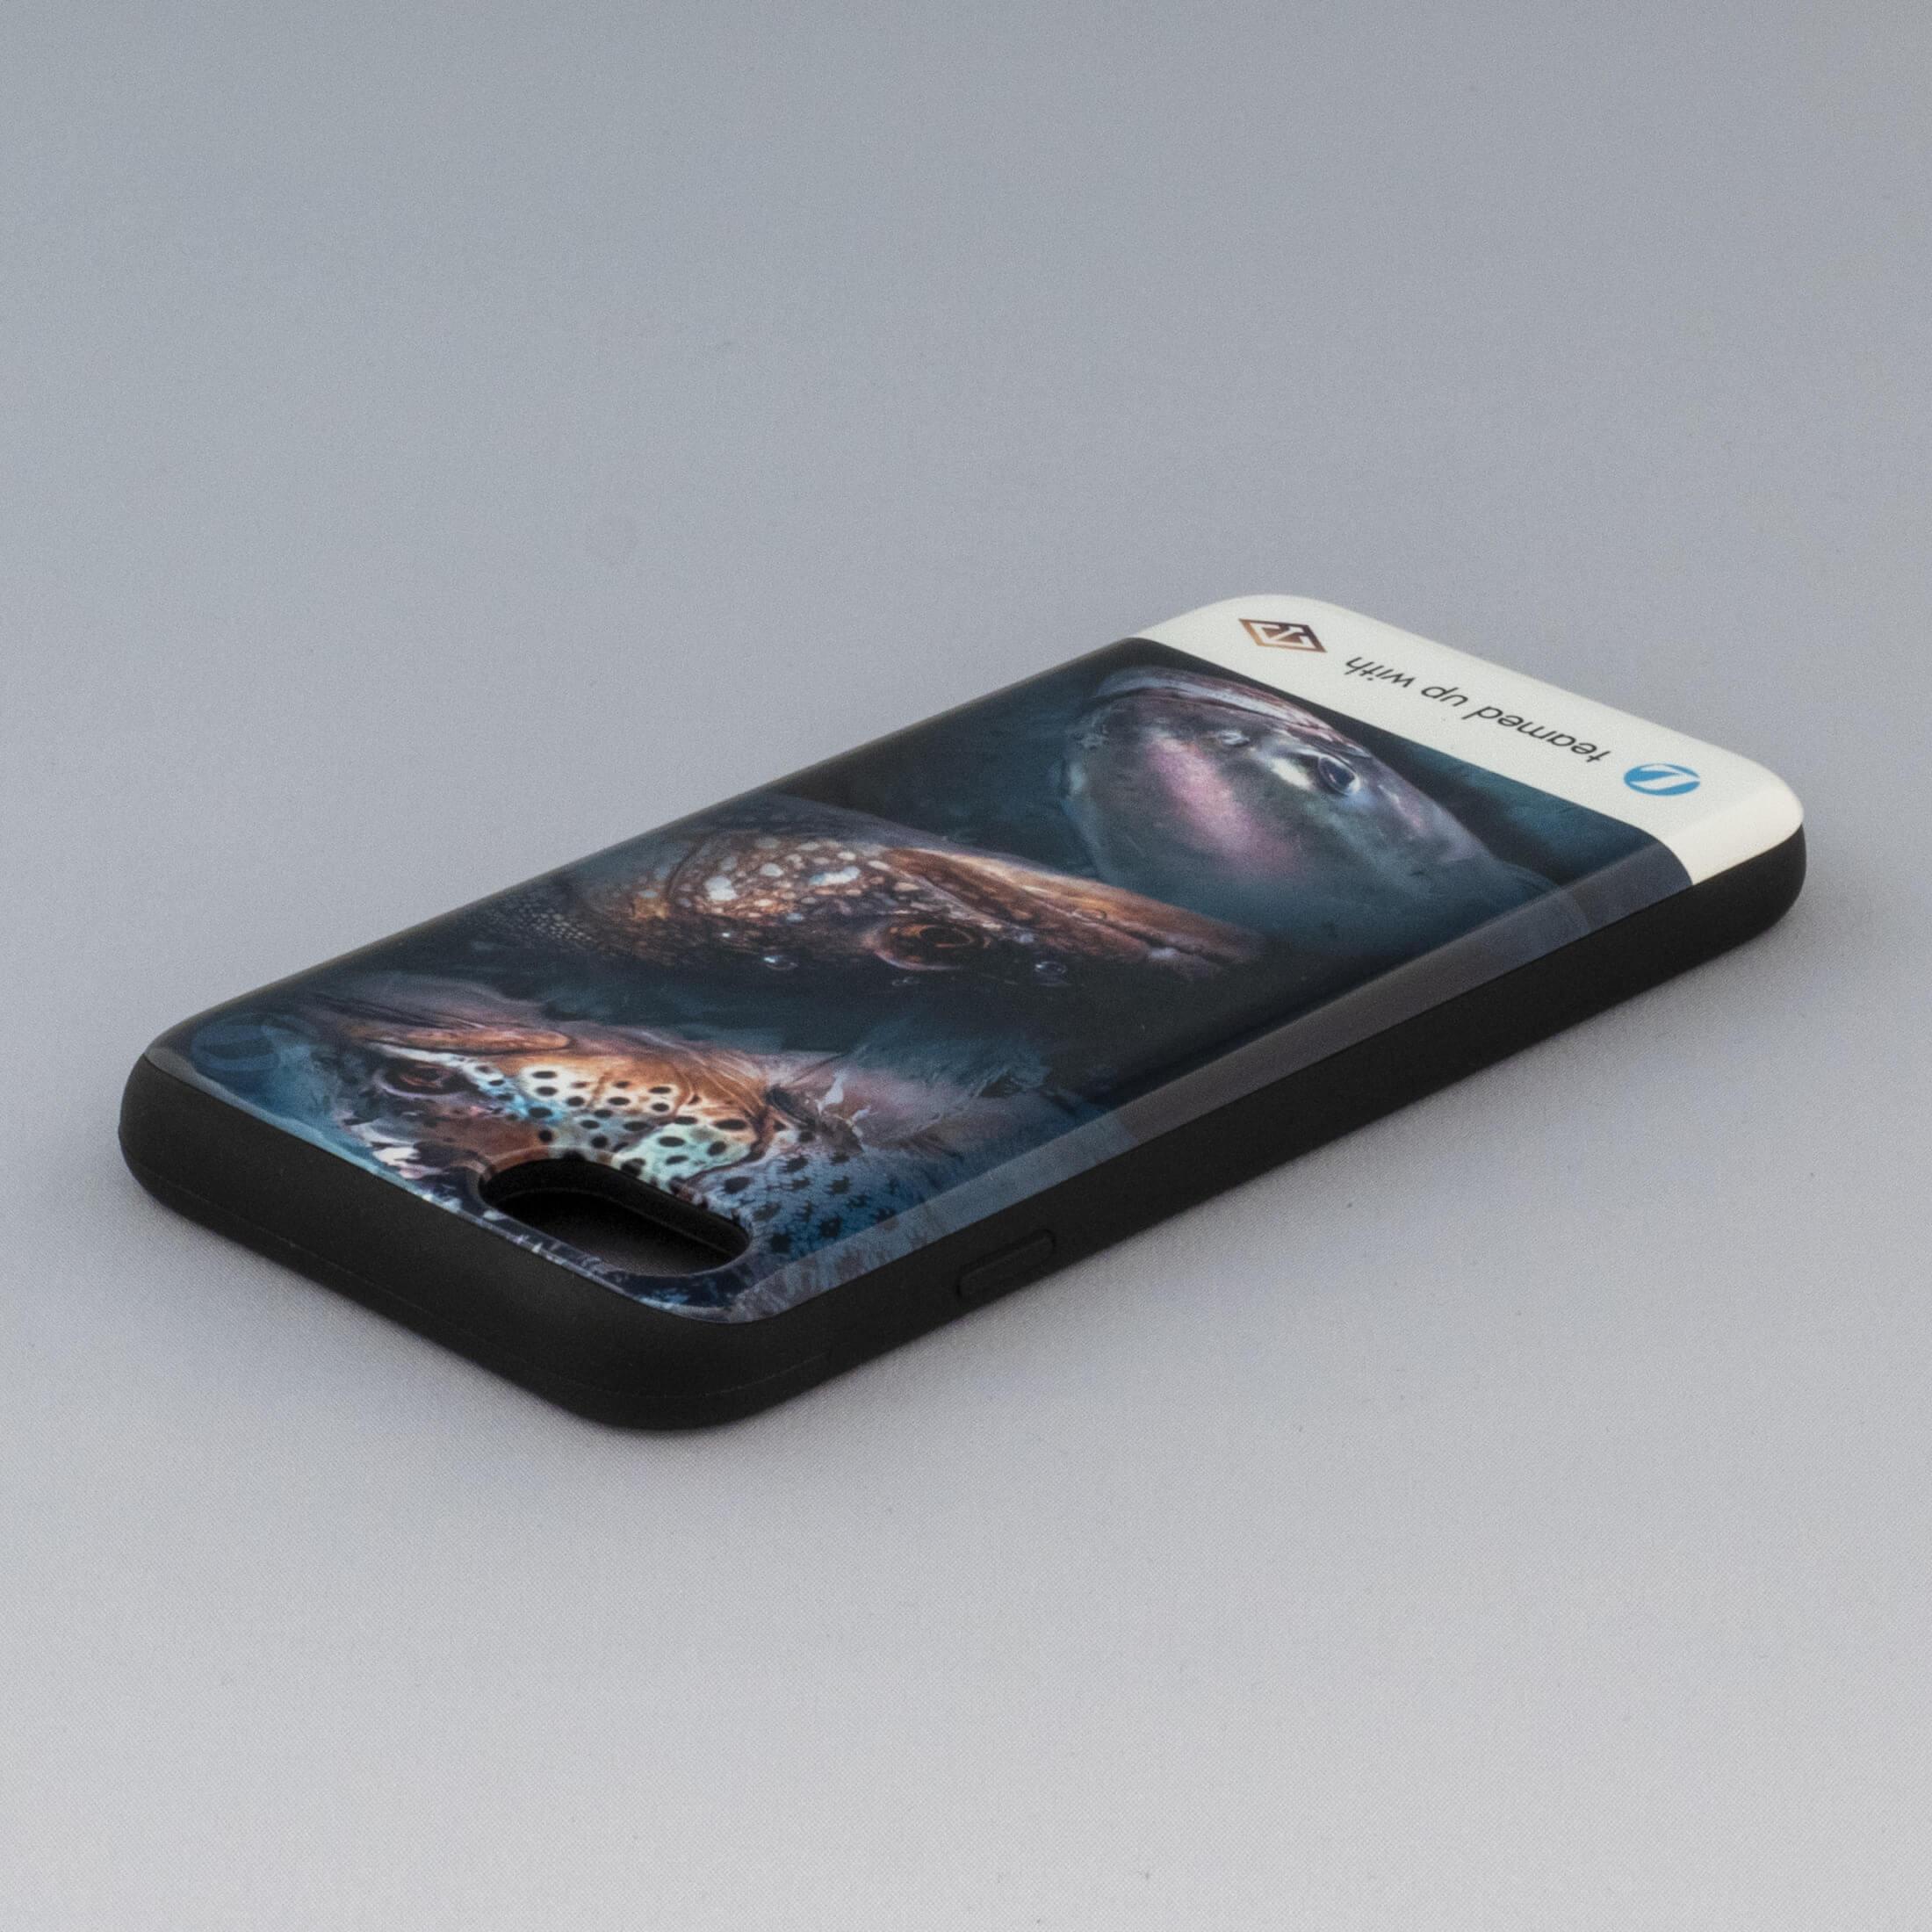 トラウトのiPhoneケース画像4